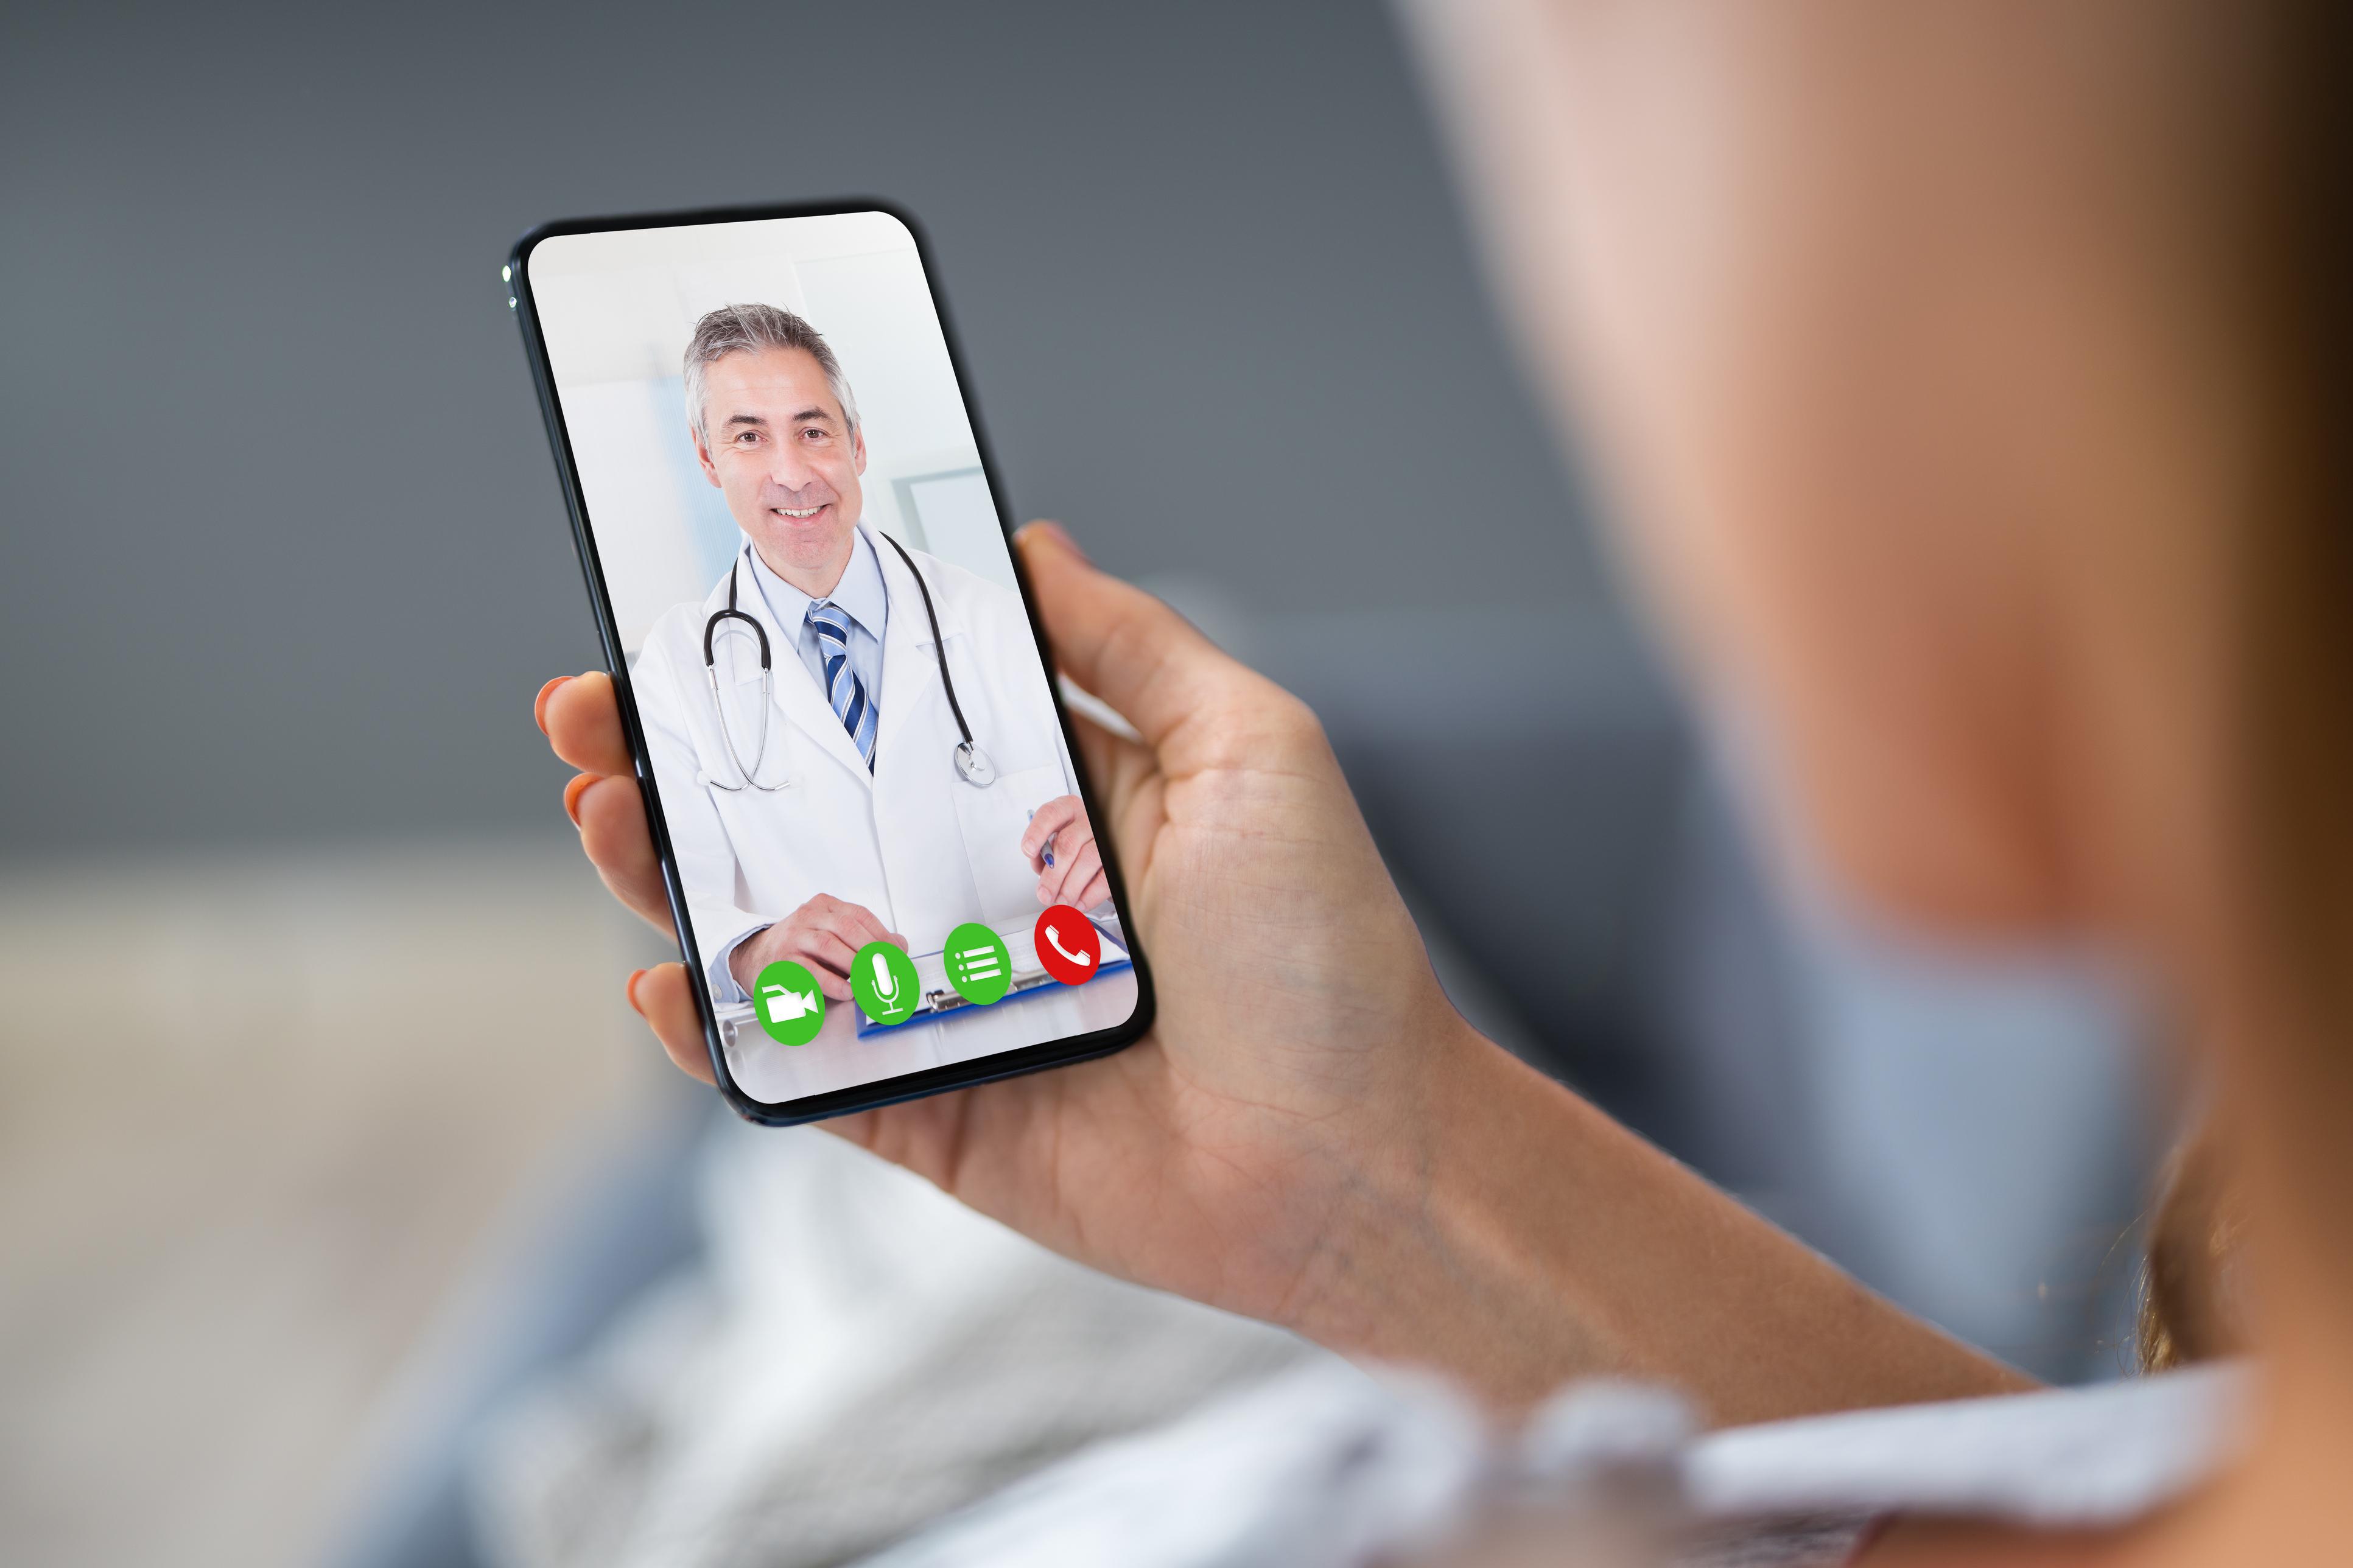 Consultas online gratuitas para aliviar el sistema sanitario